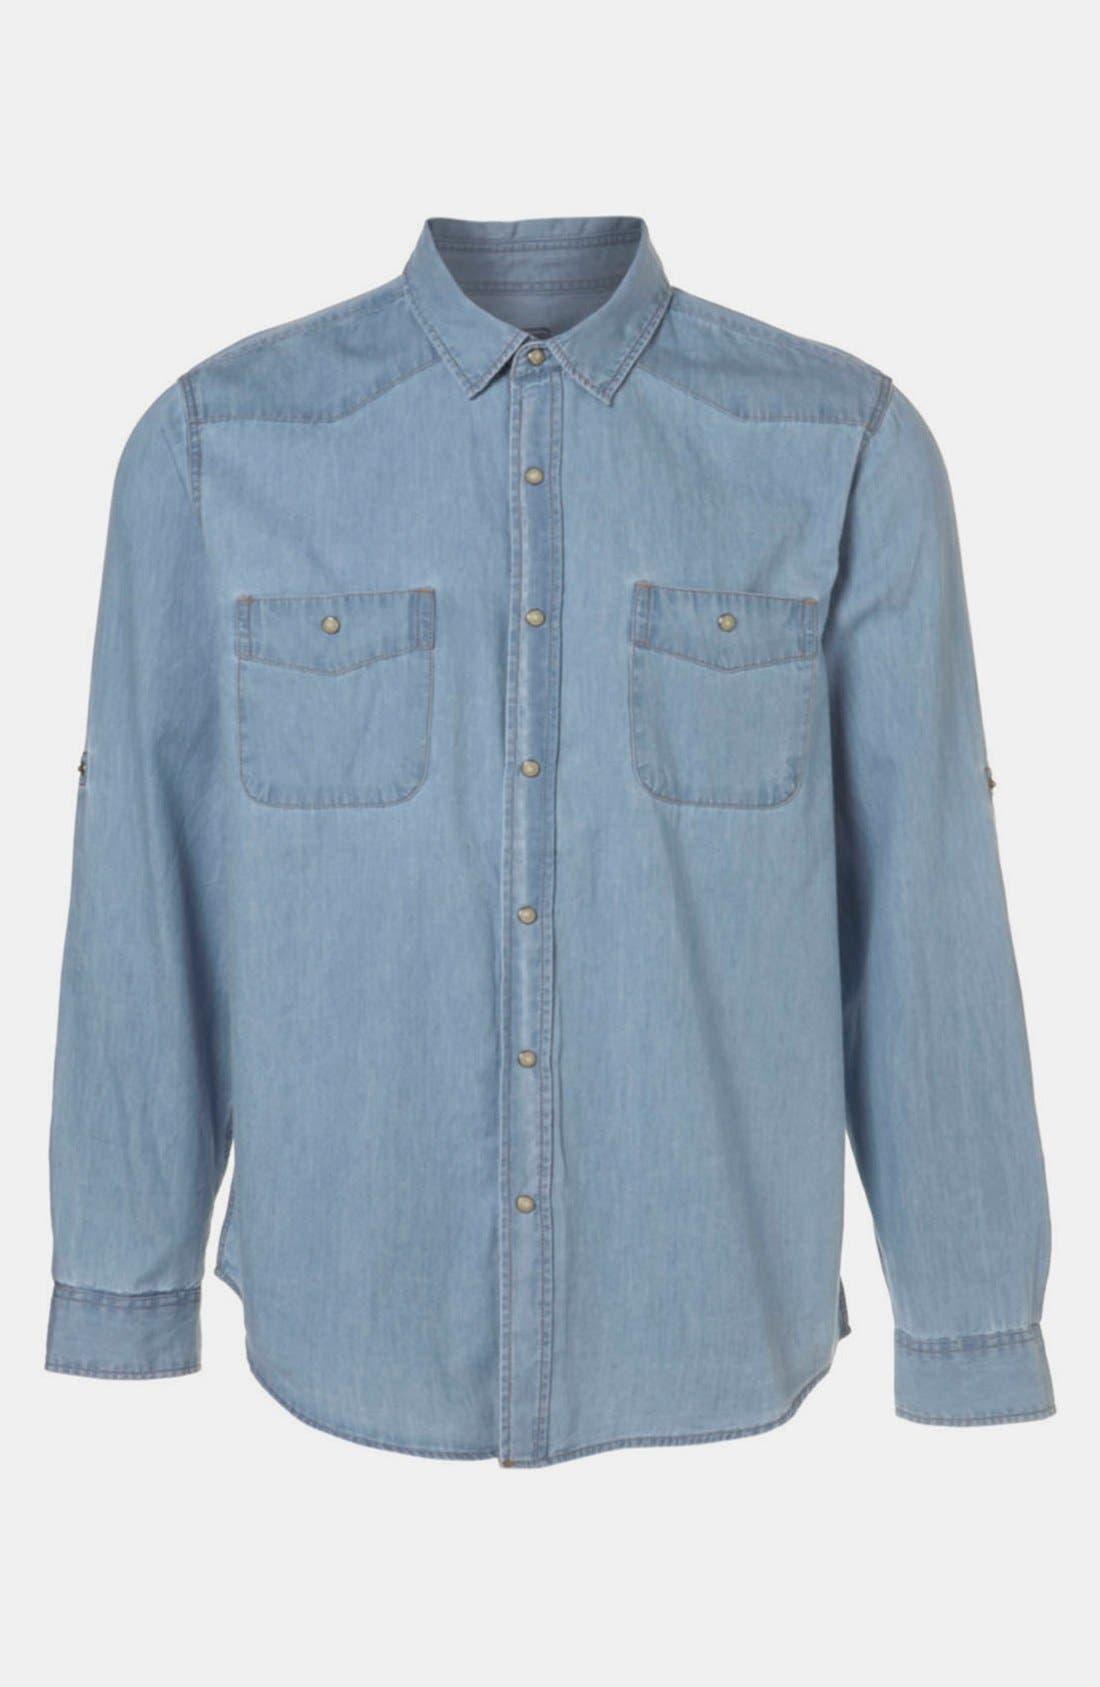 Alternate Image 1 Selected - Topman Denim Western Shirt